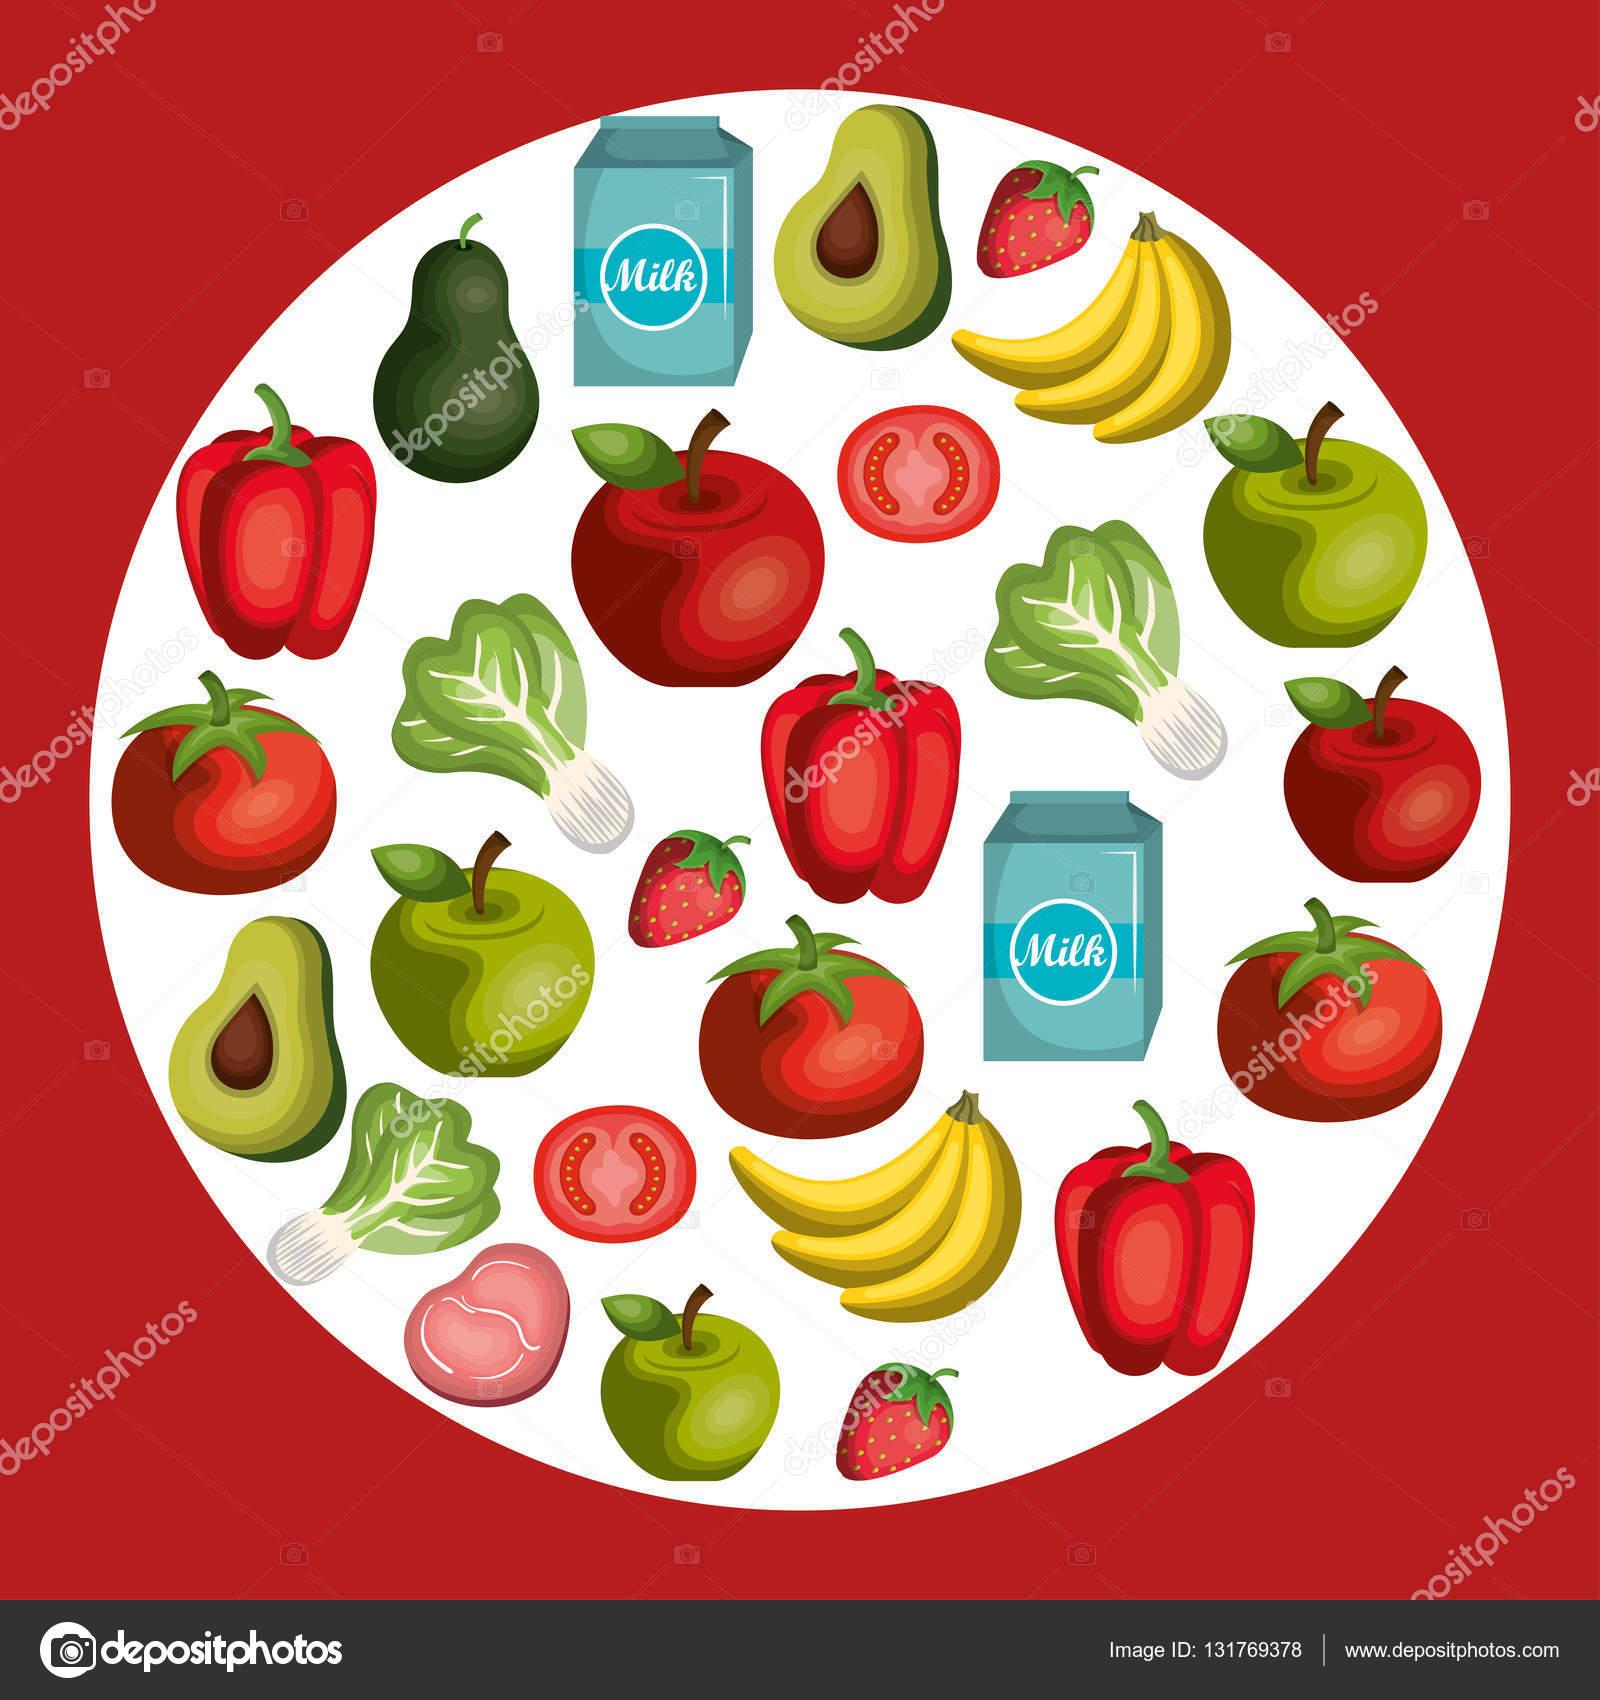 Nutrition healthy food icon — Stock Vector © yupiramos